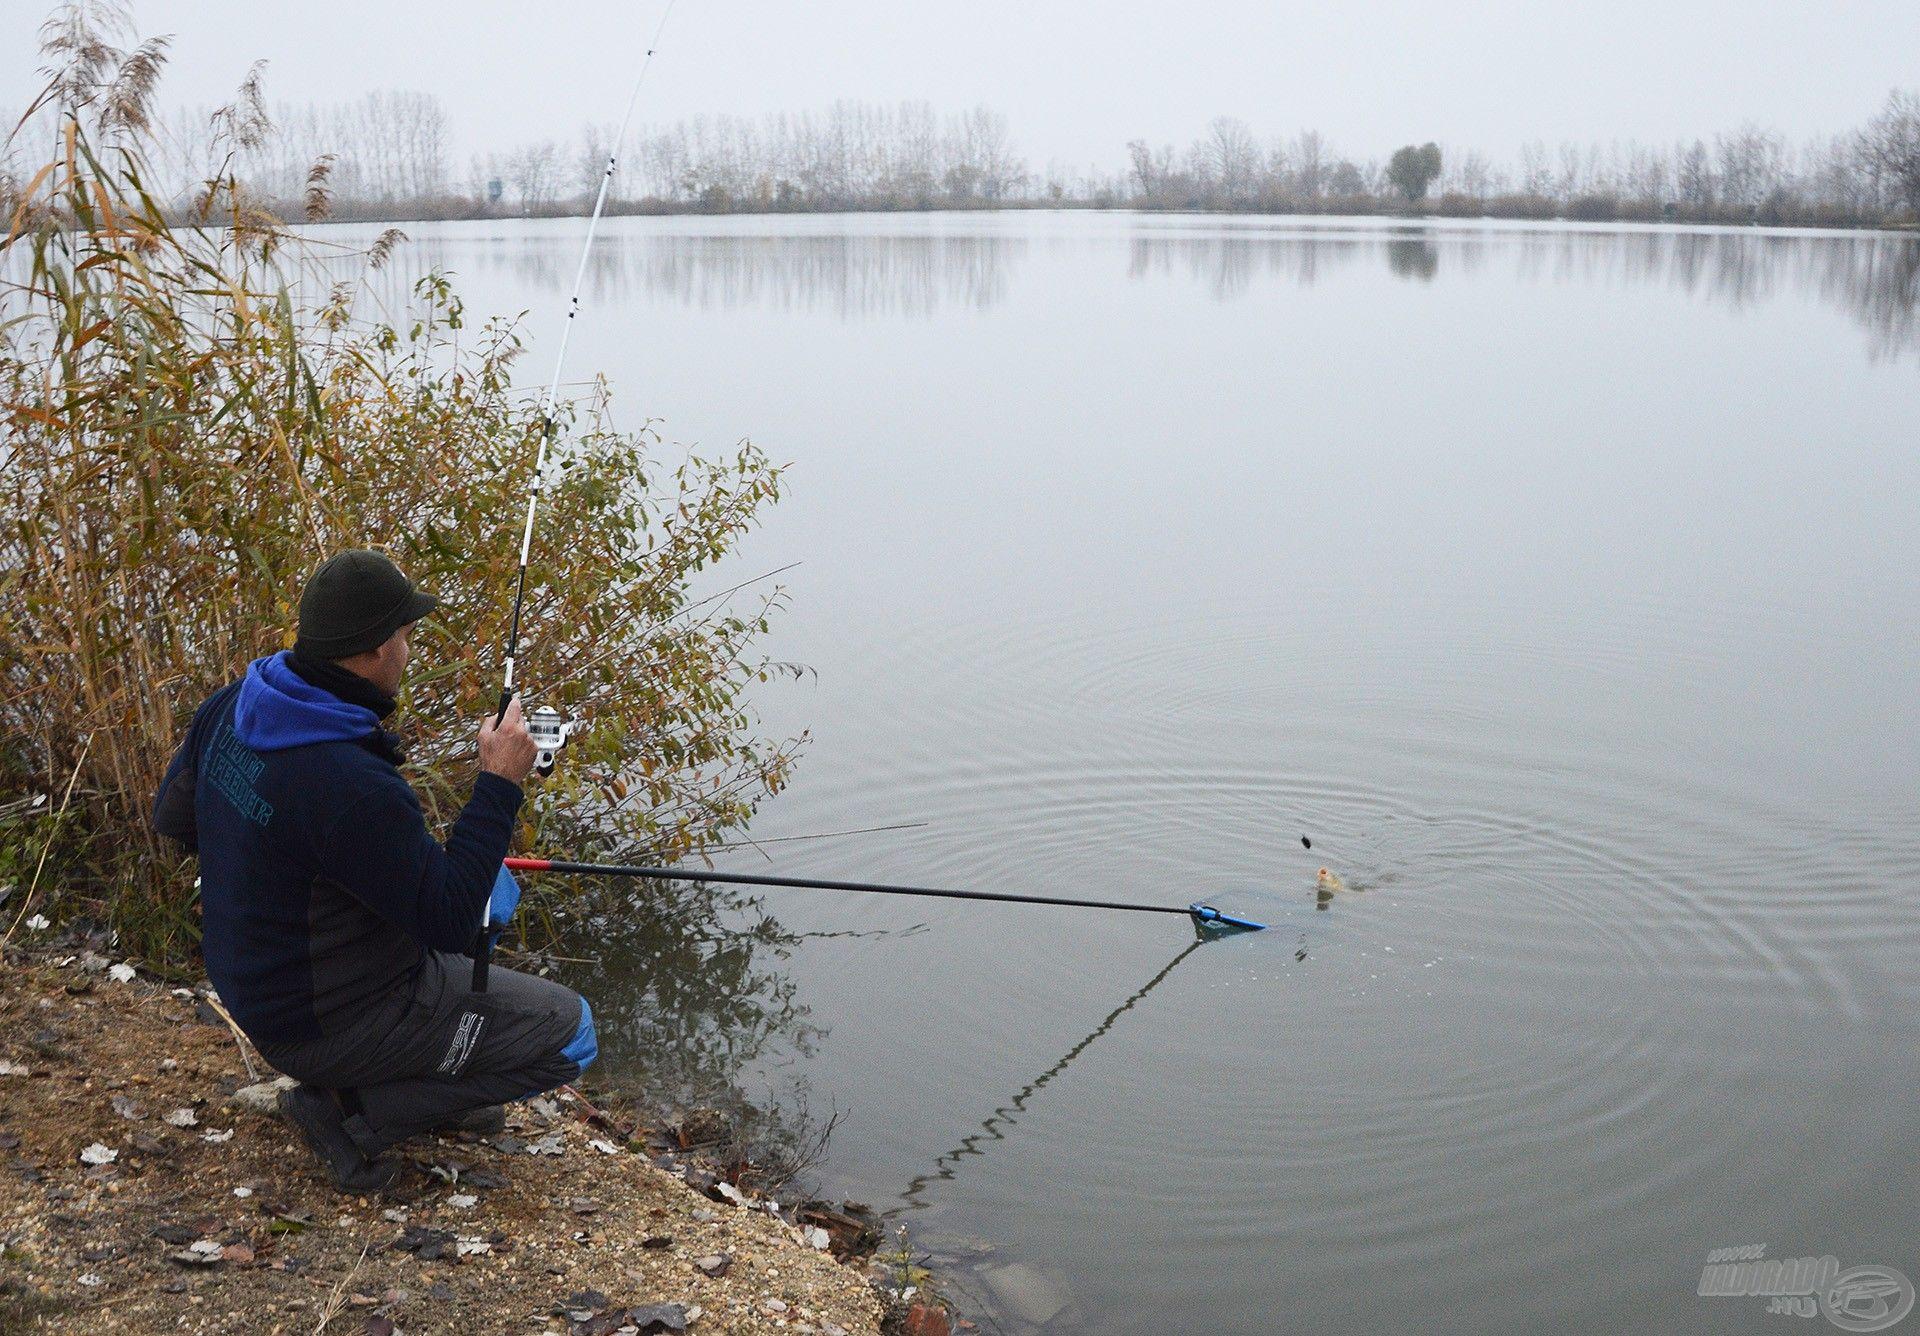 Ezzel a bottal a fárasztás minden pillanata élmény, függetlenül a hal méretétől